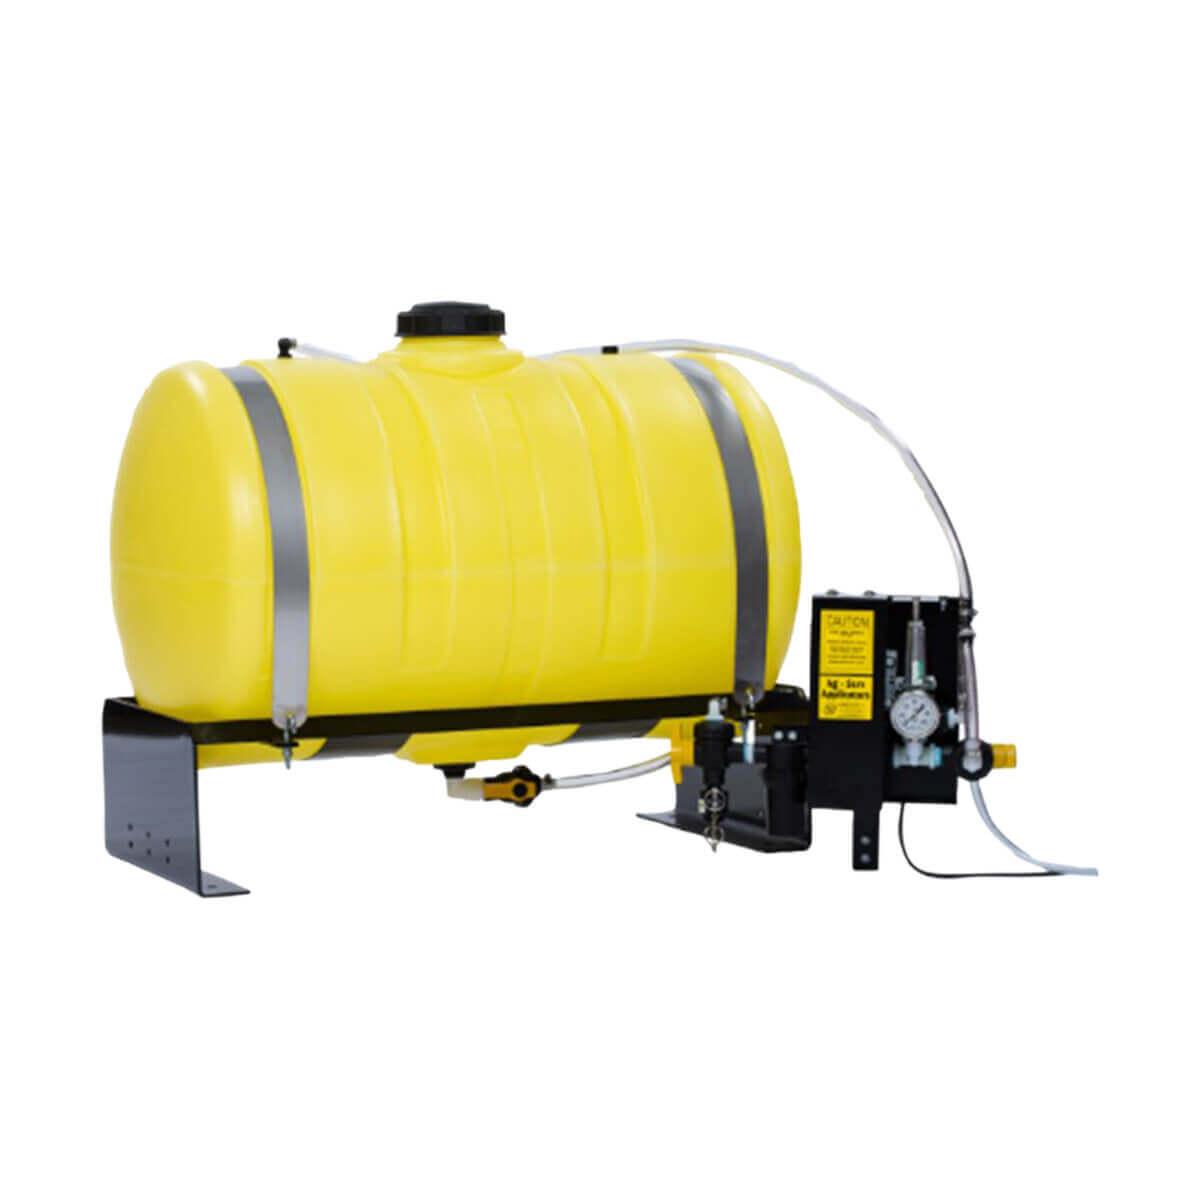 Liquid Applicator Kit for JD Round Baler